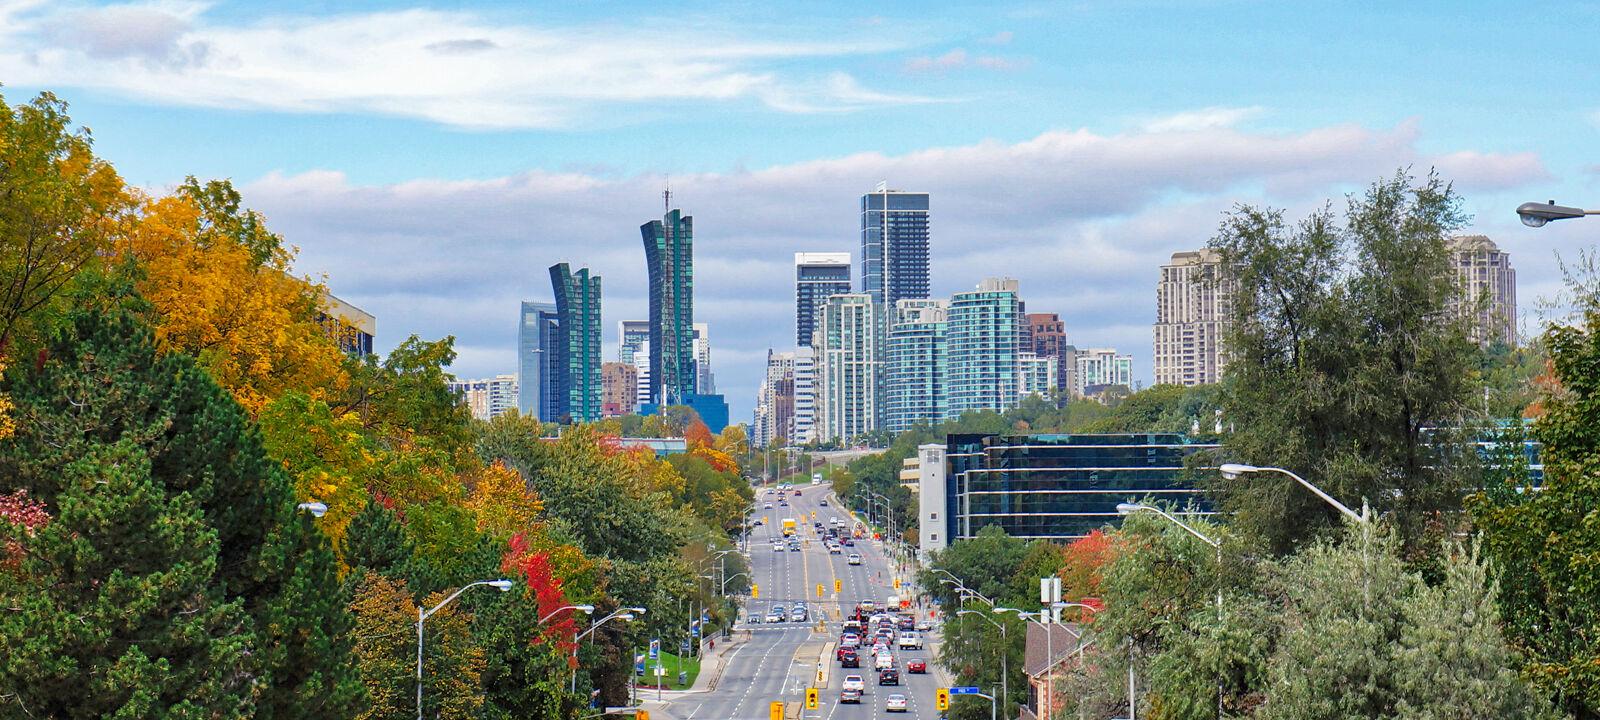 Toronto, Panoramic View of city of North York